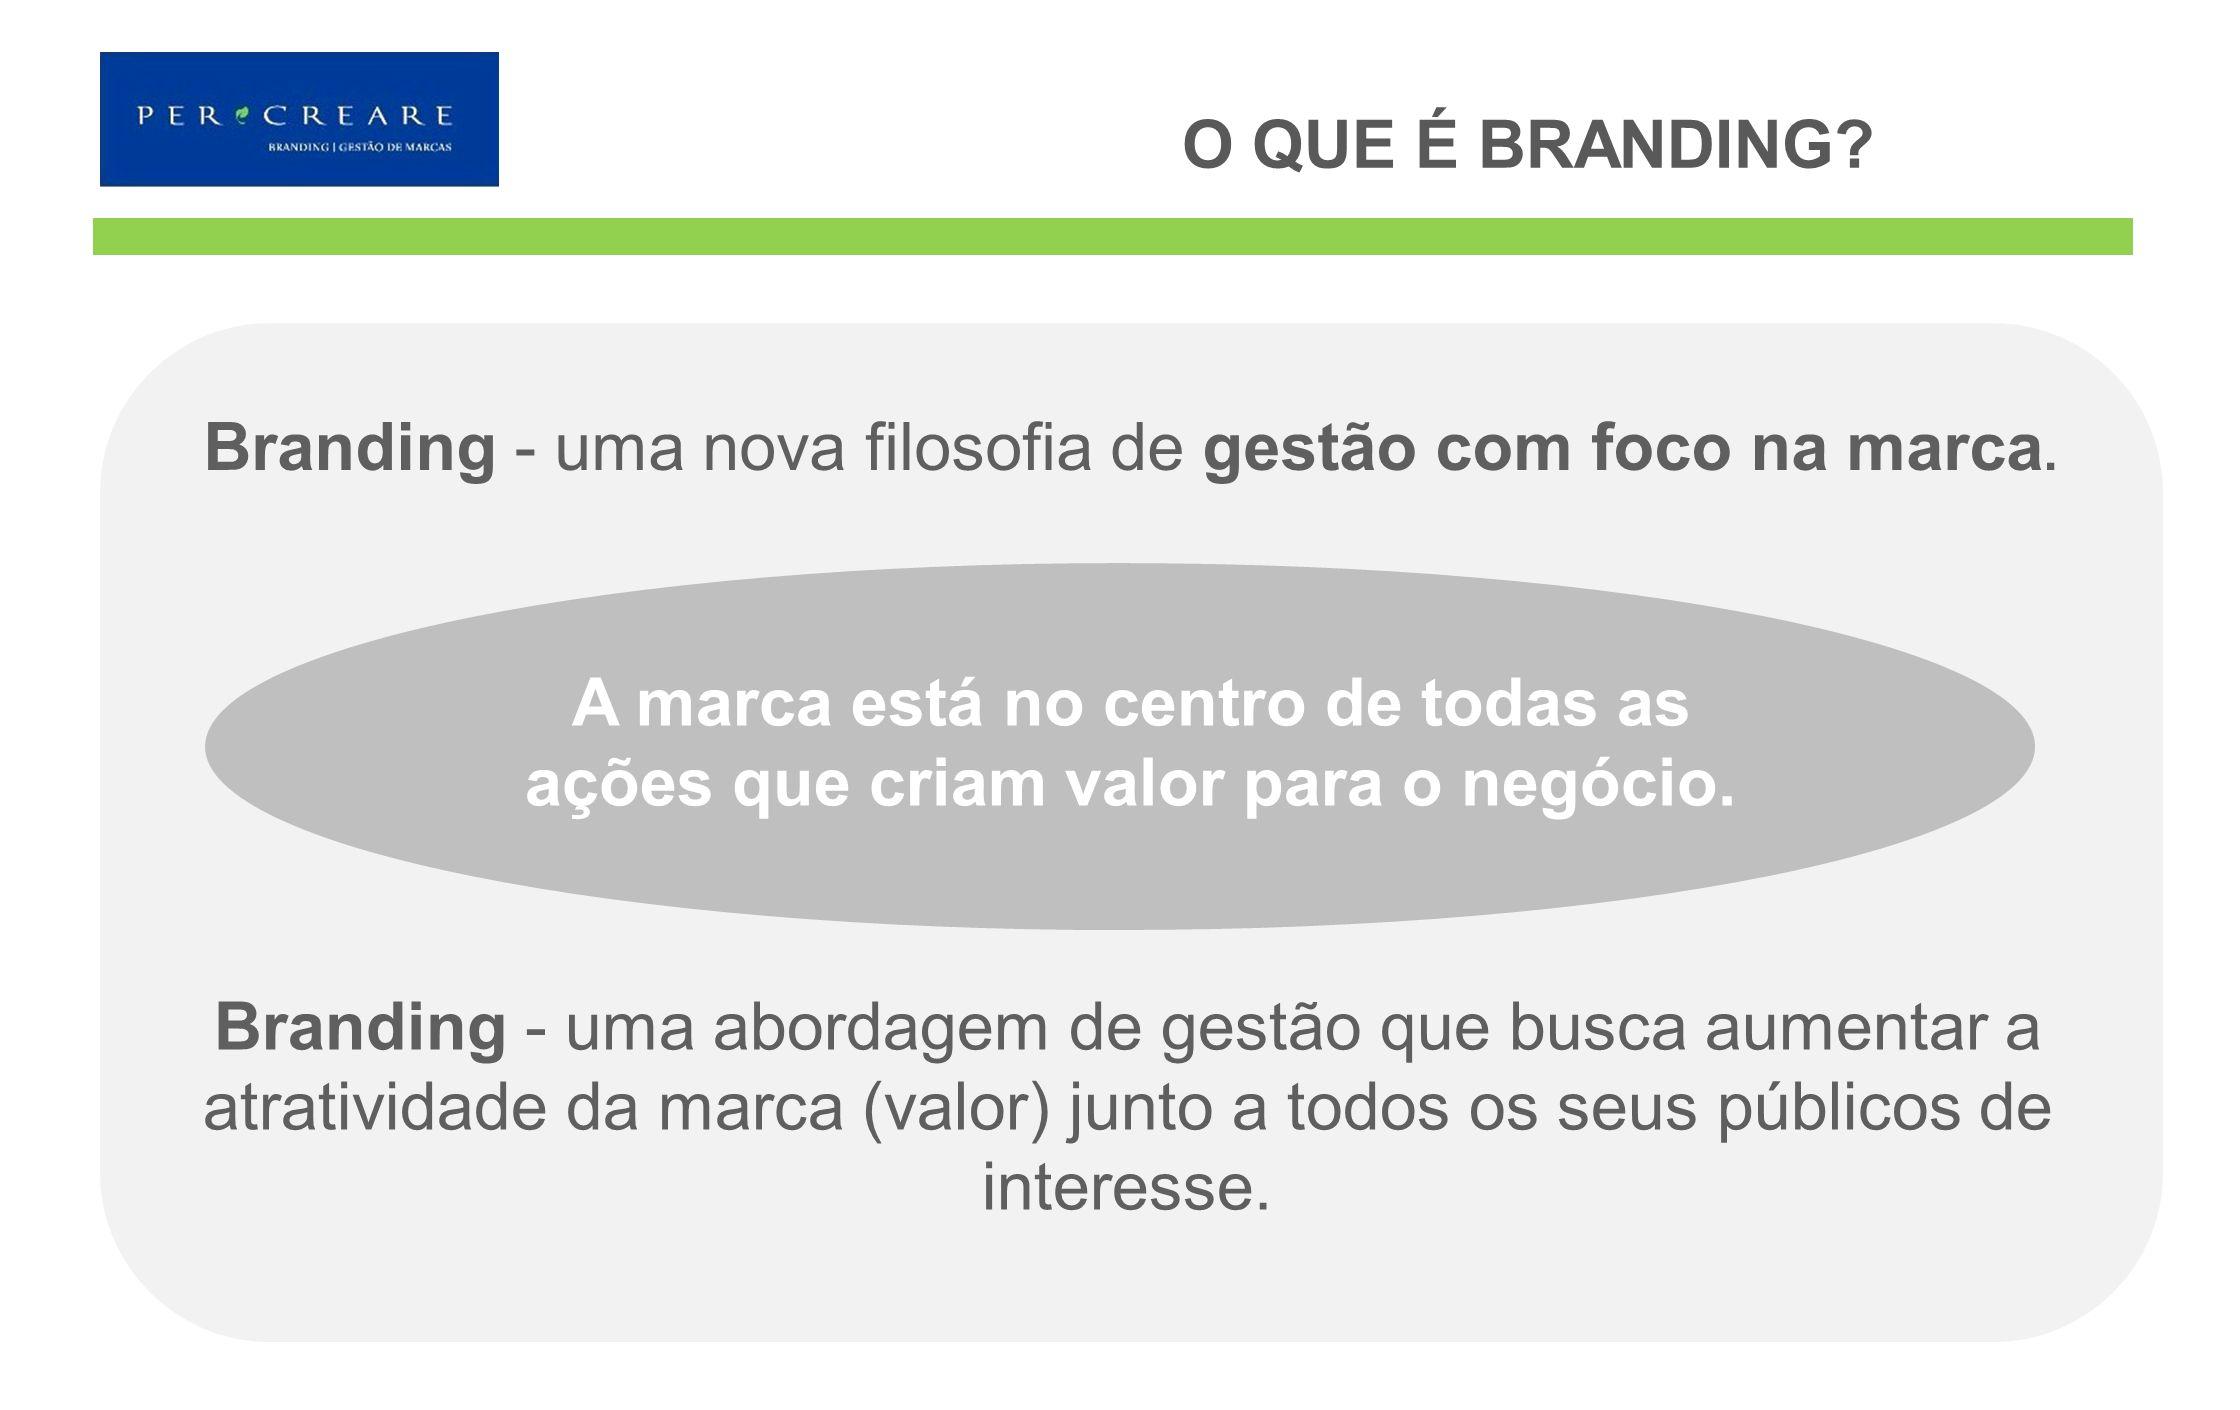 Branding - uma nova filosofia de gestão com foco na marca.